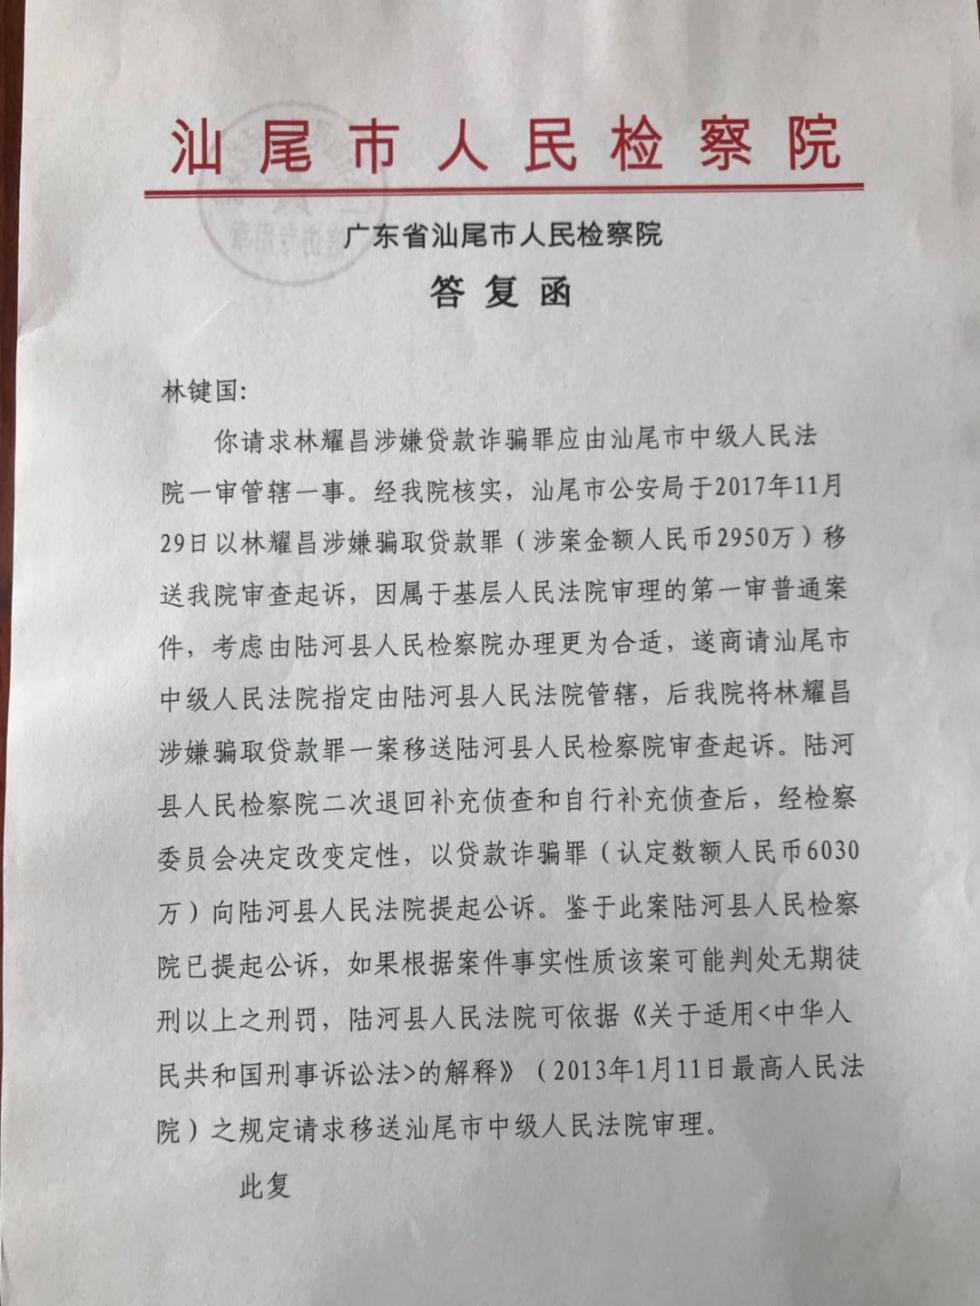 """广东""""坟爷""""获刑4年后再被诉贷款诈骗罪,涉案金额超六千万"""